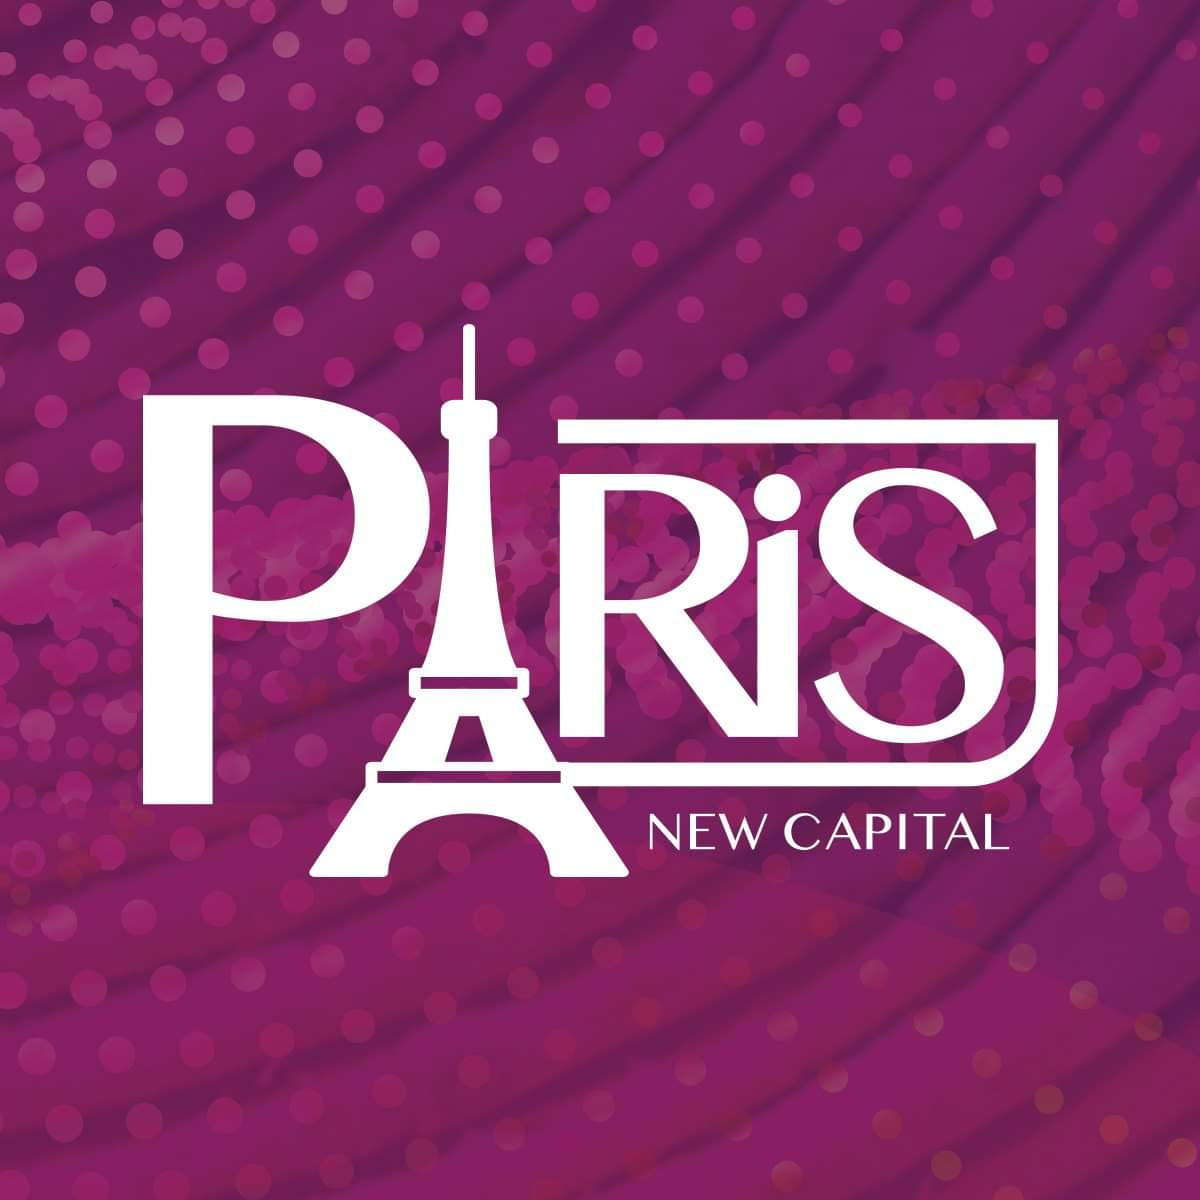 باريس مول 2 العاصمة الإدارية الجديدة | أغتنم الفرصة 10% خصم